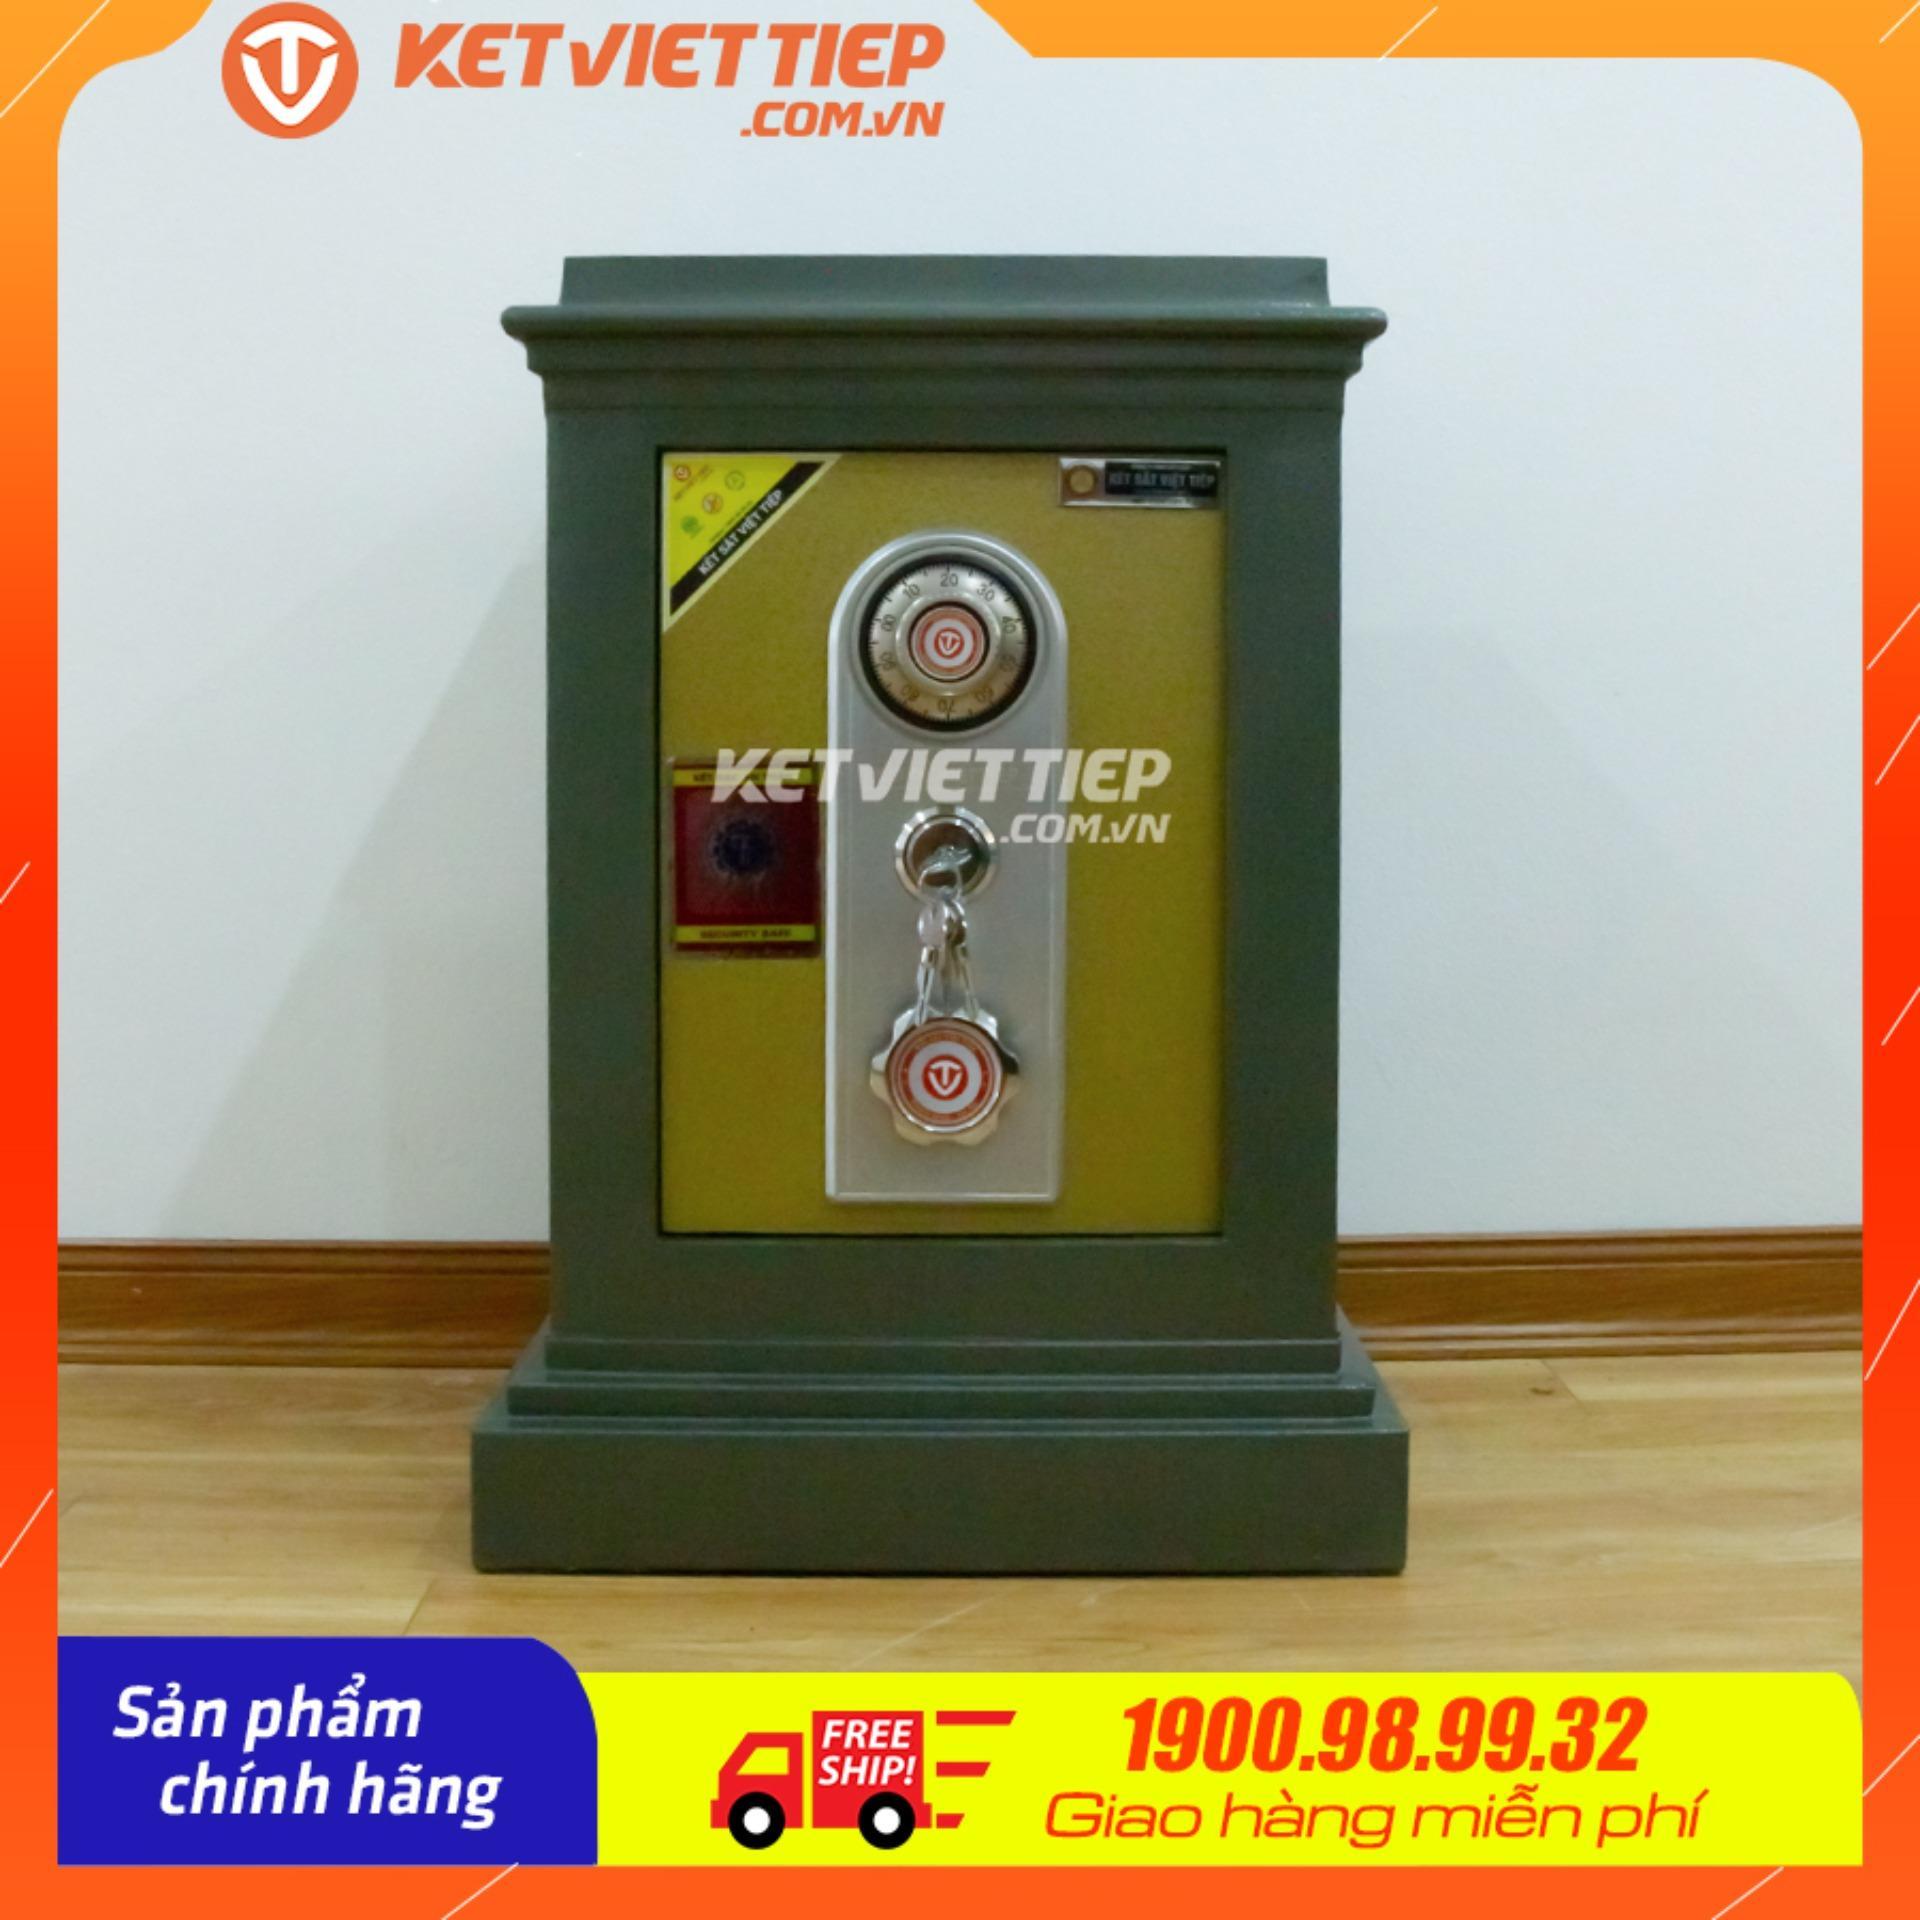 Việt Tiệp đúc đặc KVT65KC- Công ty Két sắt Việt Tiệp